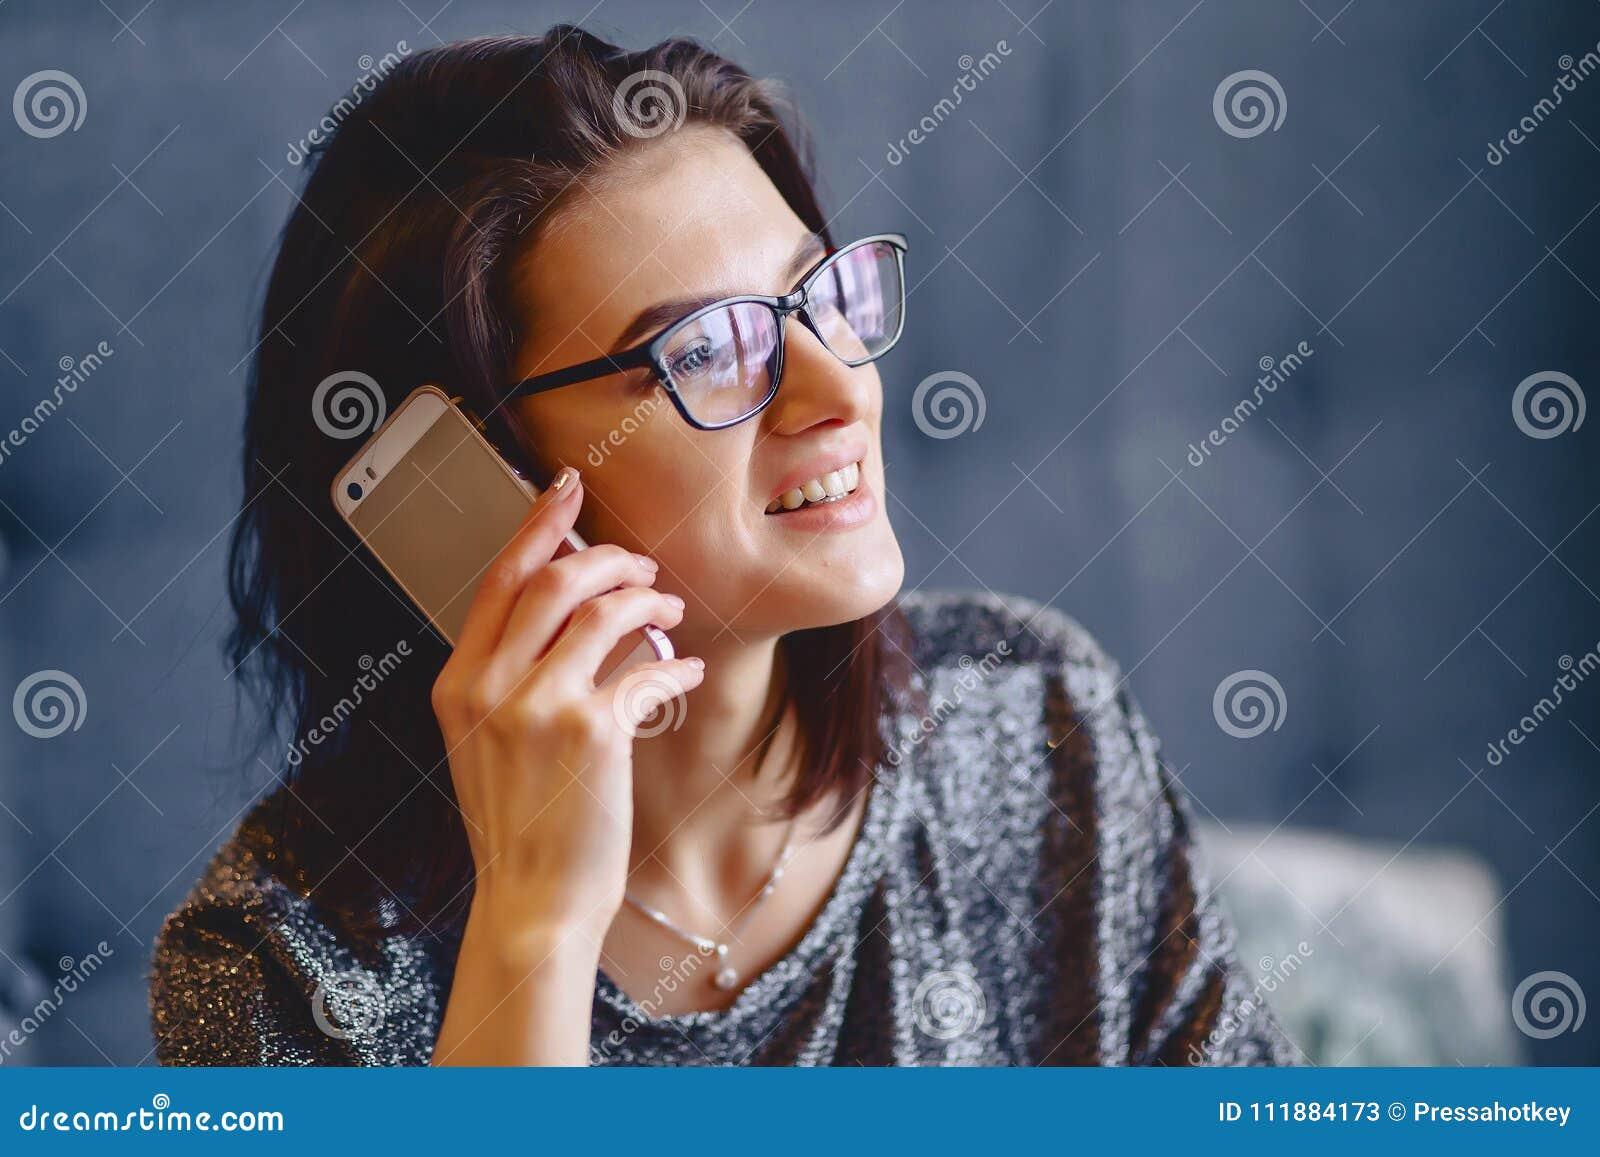 Портрет очаровательной девушки в стеклах с телефоном